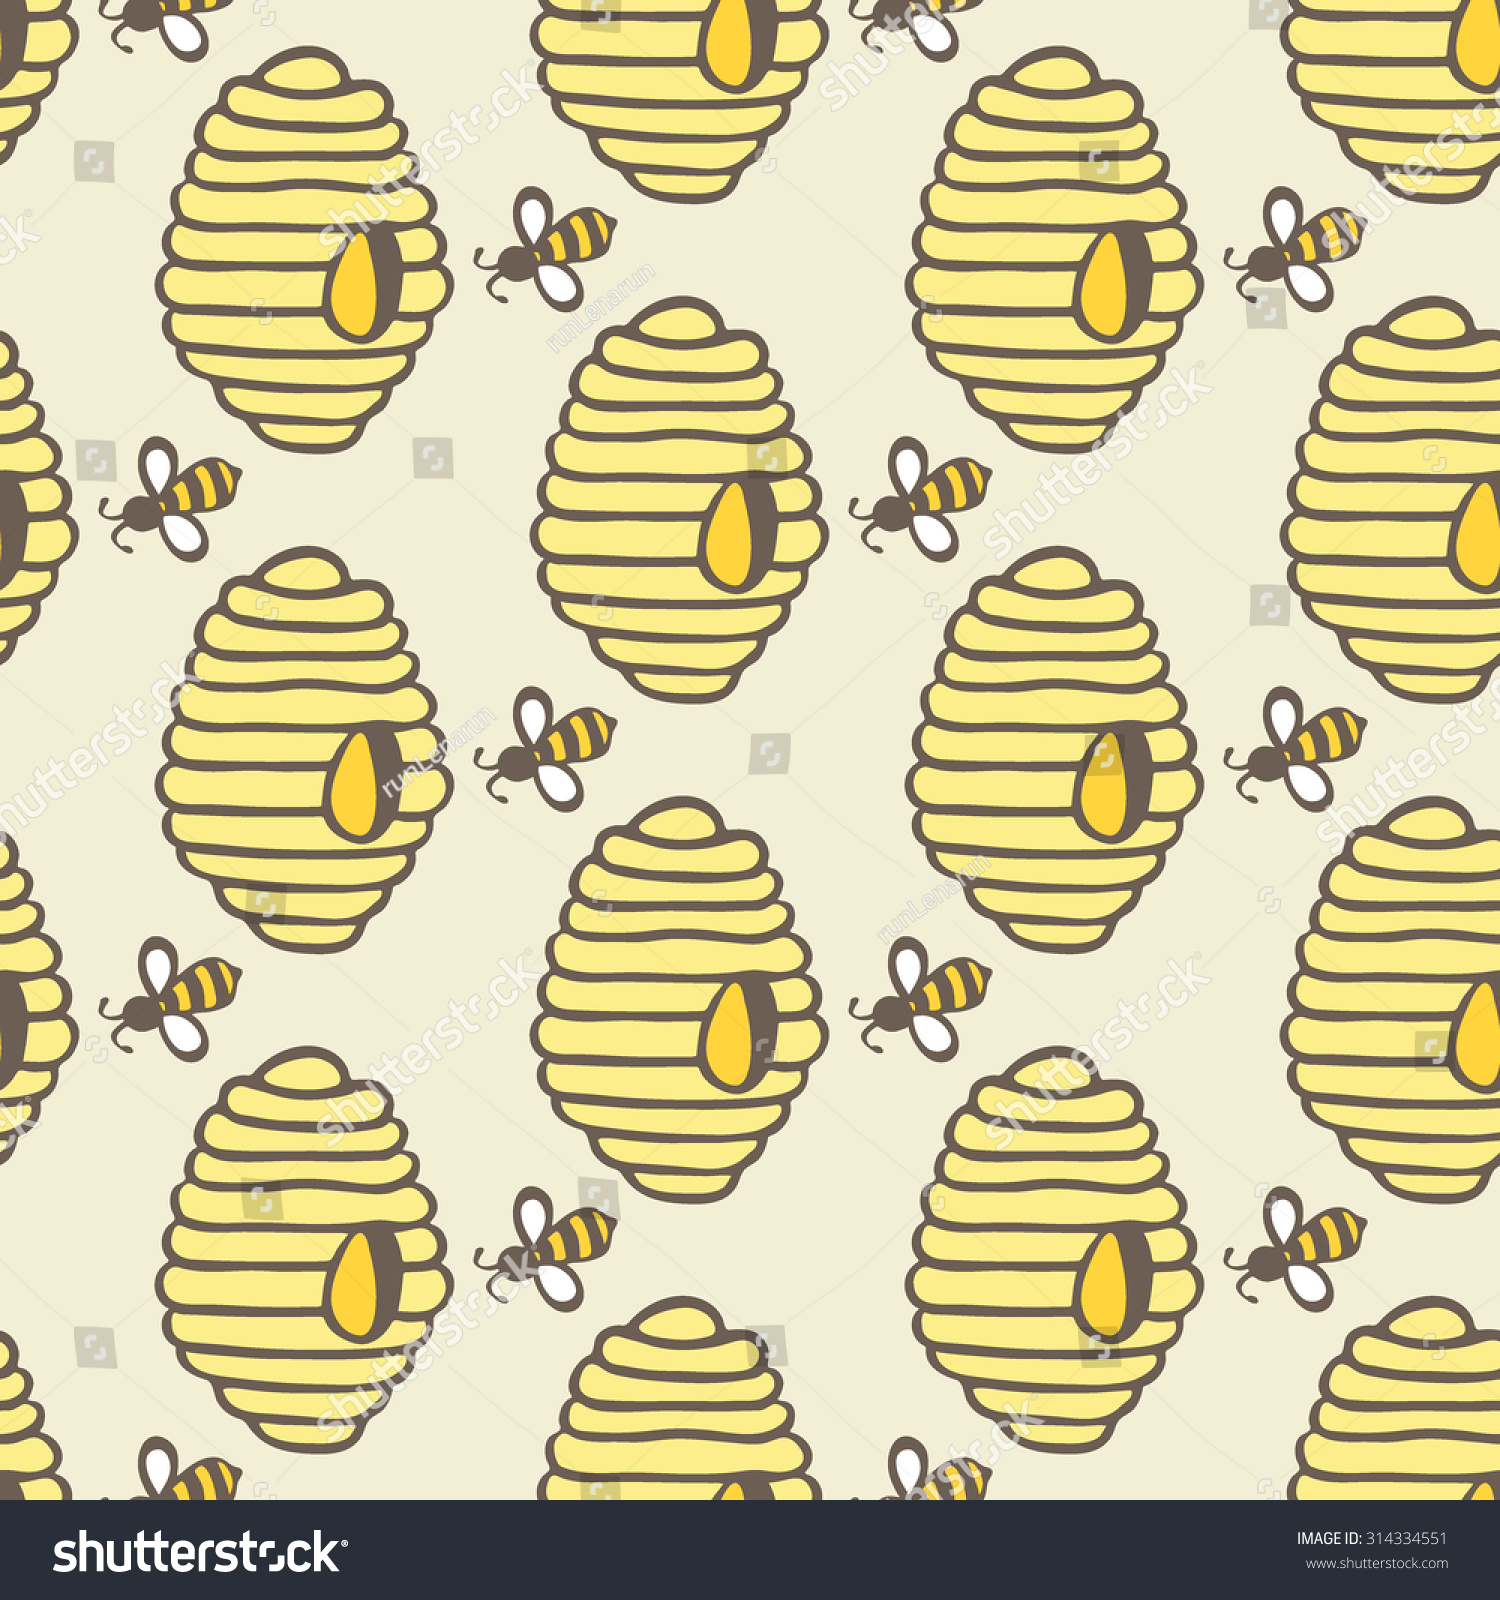 honey bee wallpaper free download